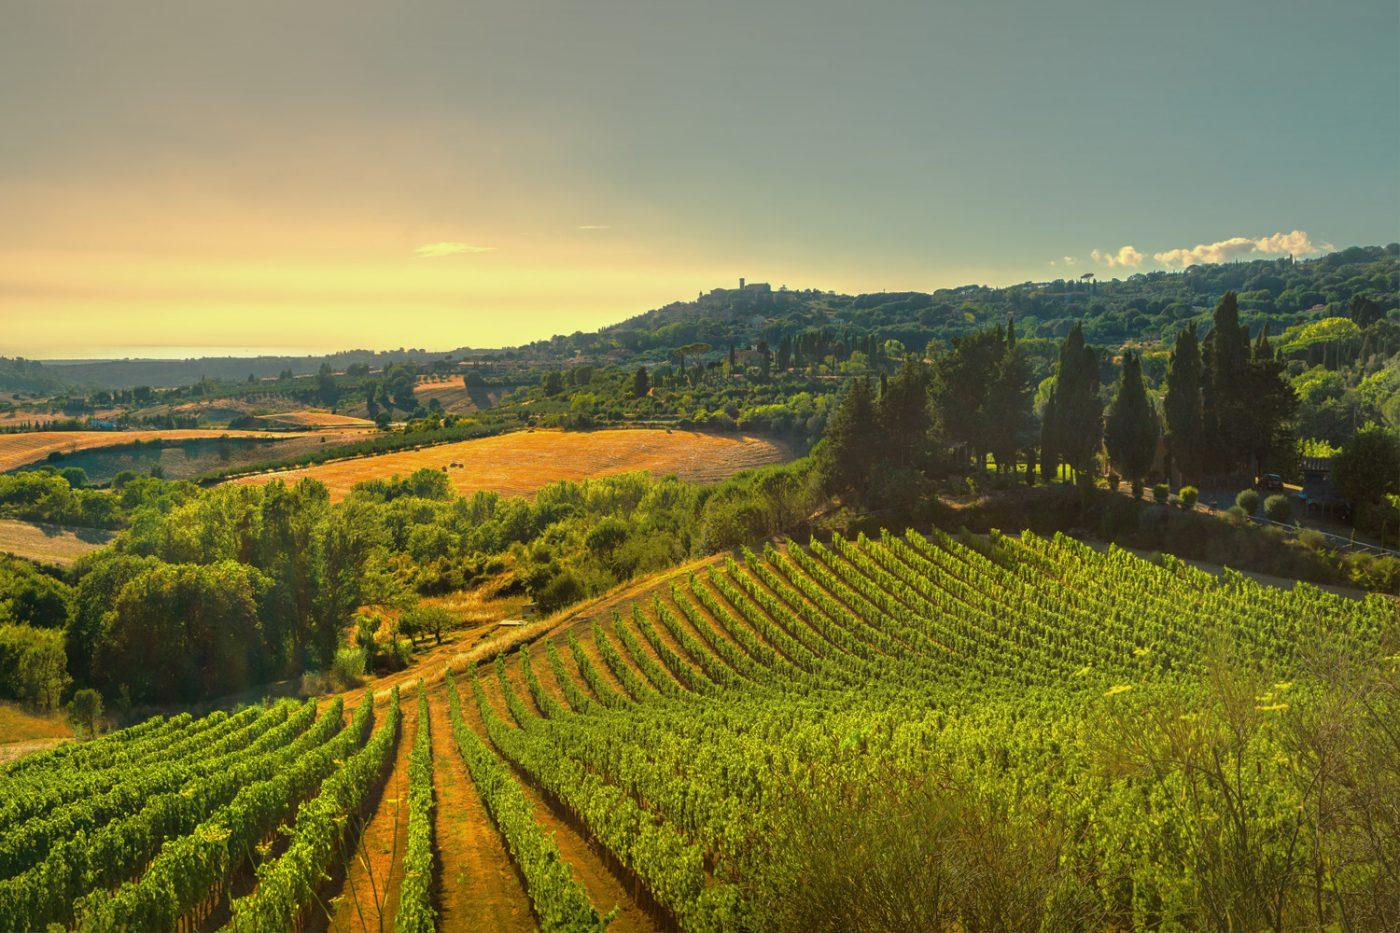 Ein Weinberg in Italien.